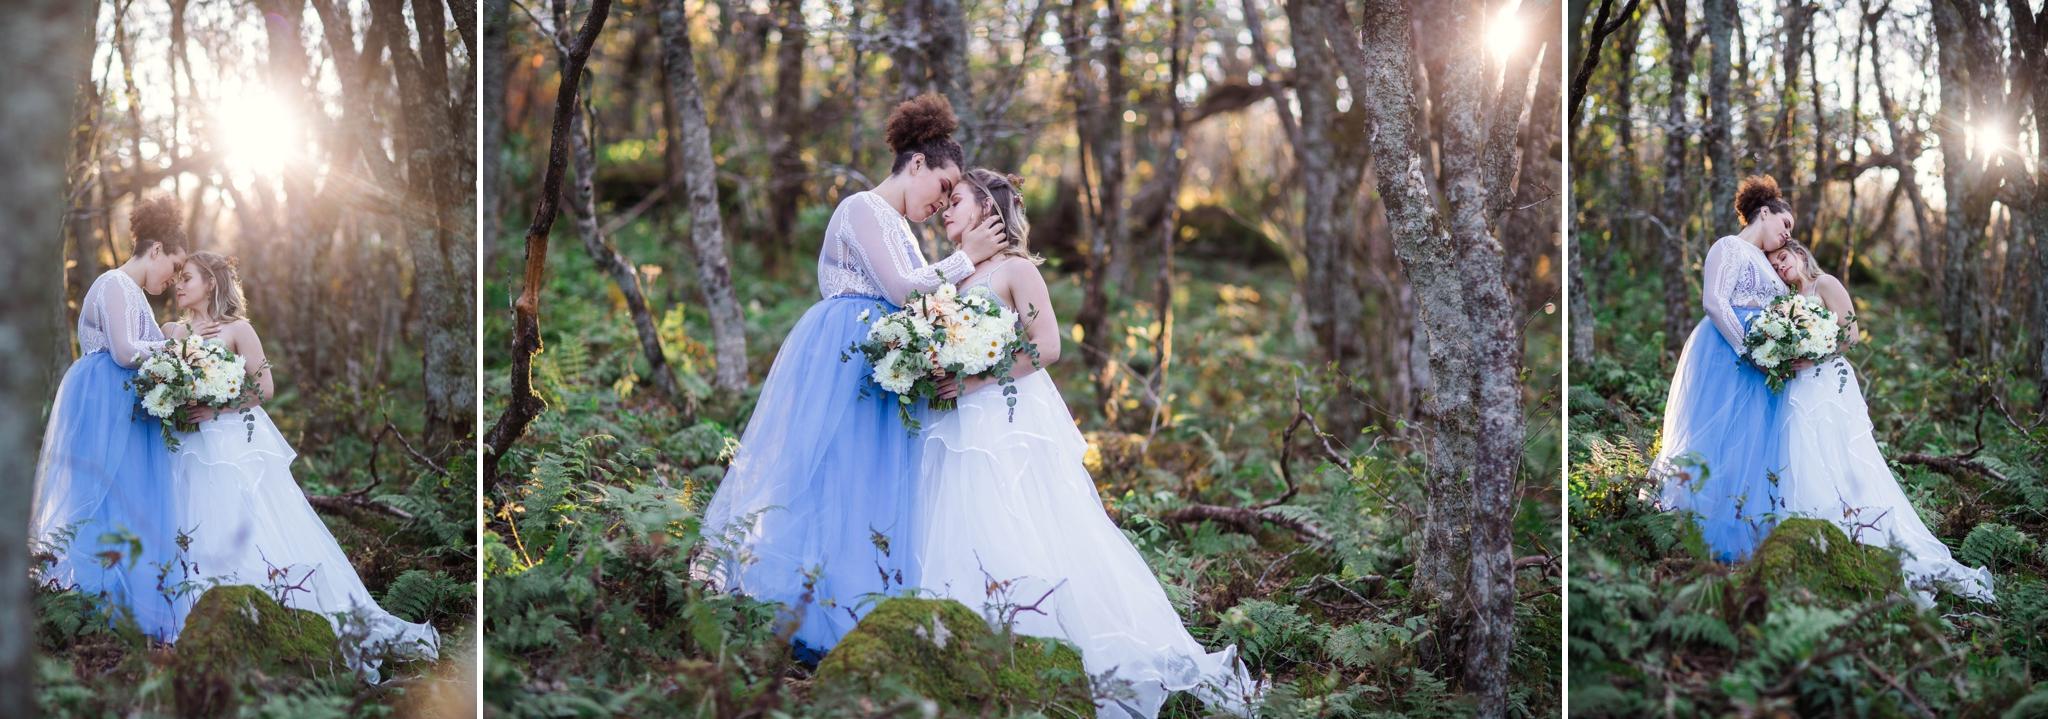 Same Sex Mountain Elopement at Craggy Gardens - Asheville, North Carolina Wedding Photographer - Johanna Dye